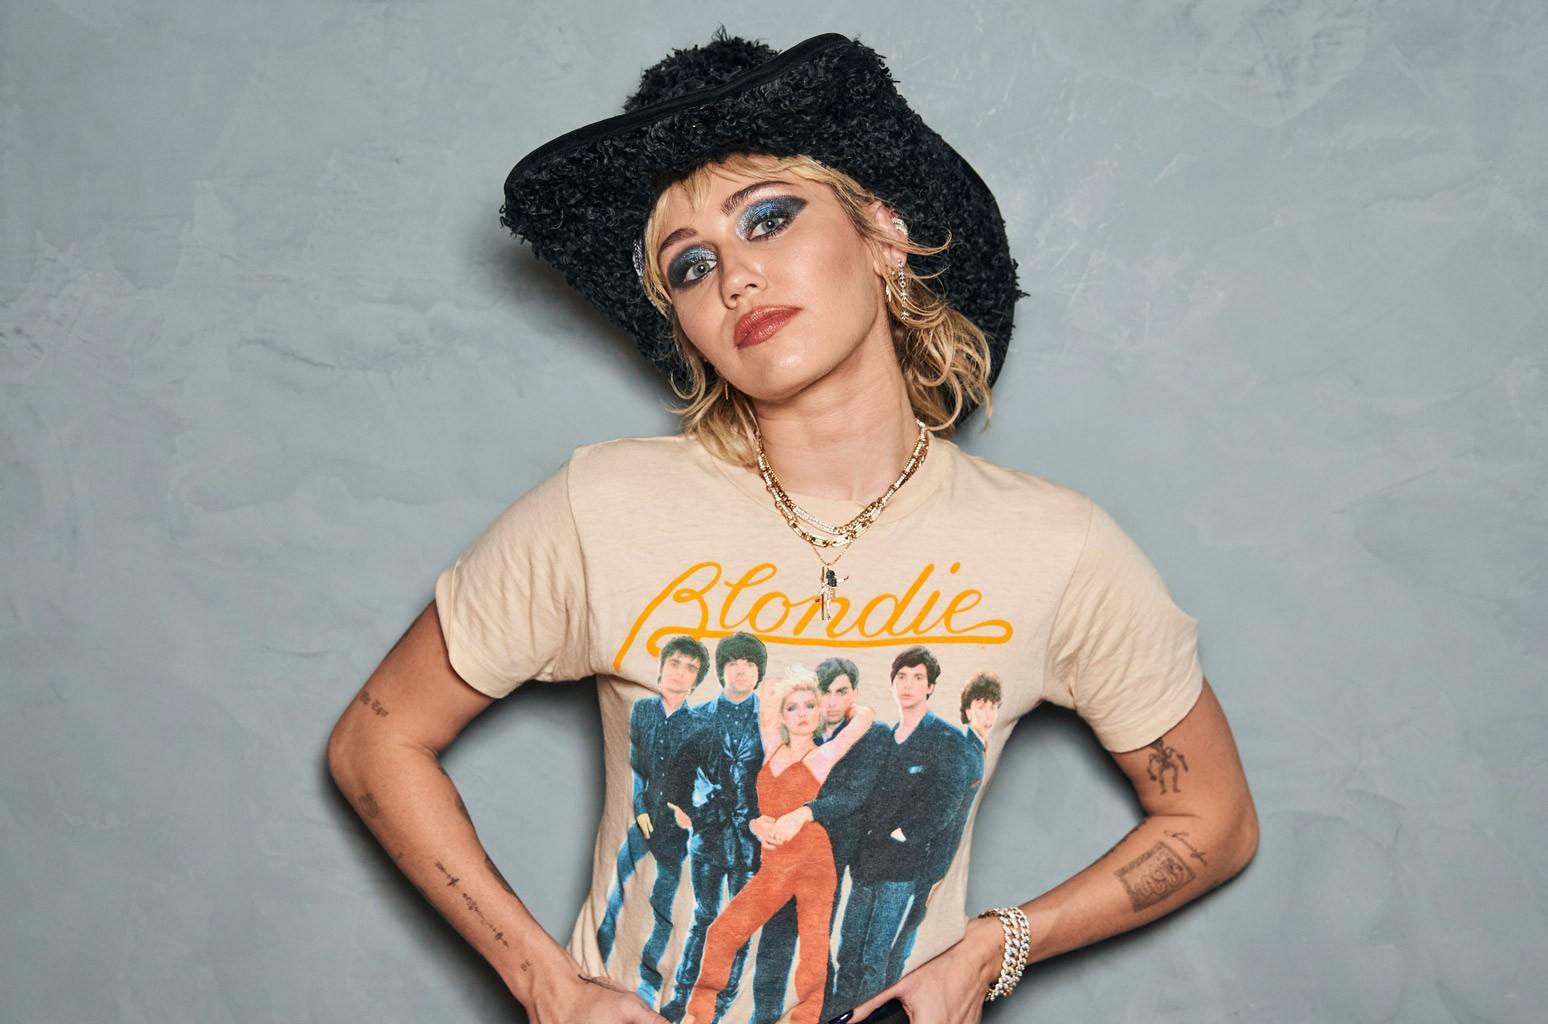 Fotografia de Miley Cyrus. A artista está posicionada ao centro, da cintura pra cima, de frente para a câmera. Seu rosto está levemente inclinado para o lado esquerdo da imagem e suas mãos estão enganchadas na cintura. Seus cabelos loiros são curtos, na altura do ombro, e estão bagunçados, meio ondulados. Ela também usa uma franja na altura das sobrancelhas e um chapéu country preto de pelinhos. Miley usa uma maquiagem azul metálica e cinza escura e um batom marrom médio. Ela veste uma camiseta da banda Blondie, que mostra os membros e o logo da banda em cima, numa fonte cursiva e em amarelo. Ela também usa colares dourados finos e uma pulseira de corrente prateada na mão direita.